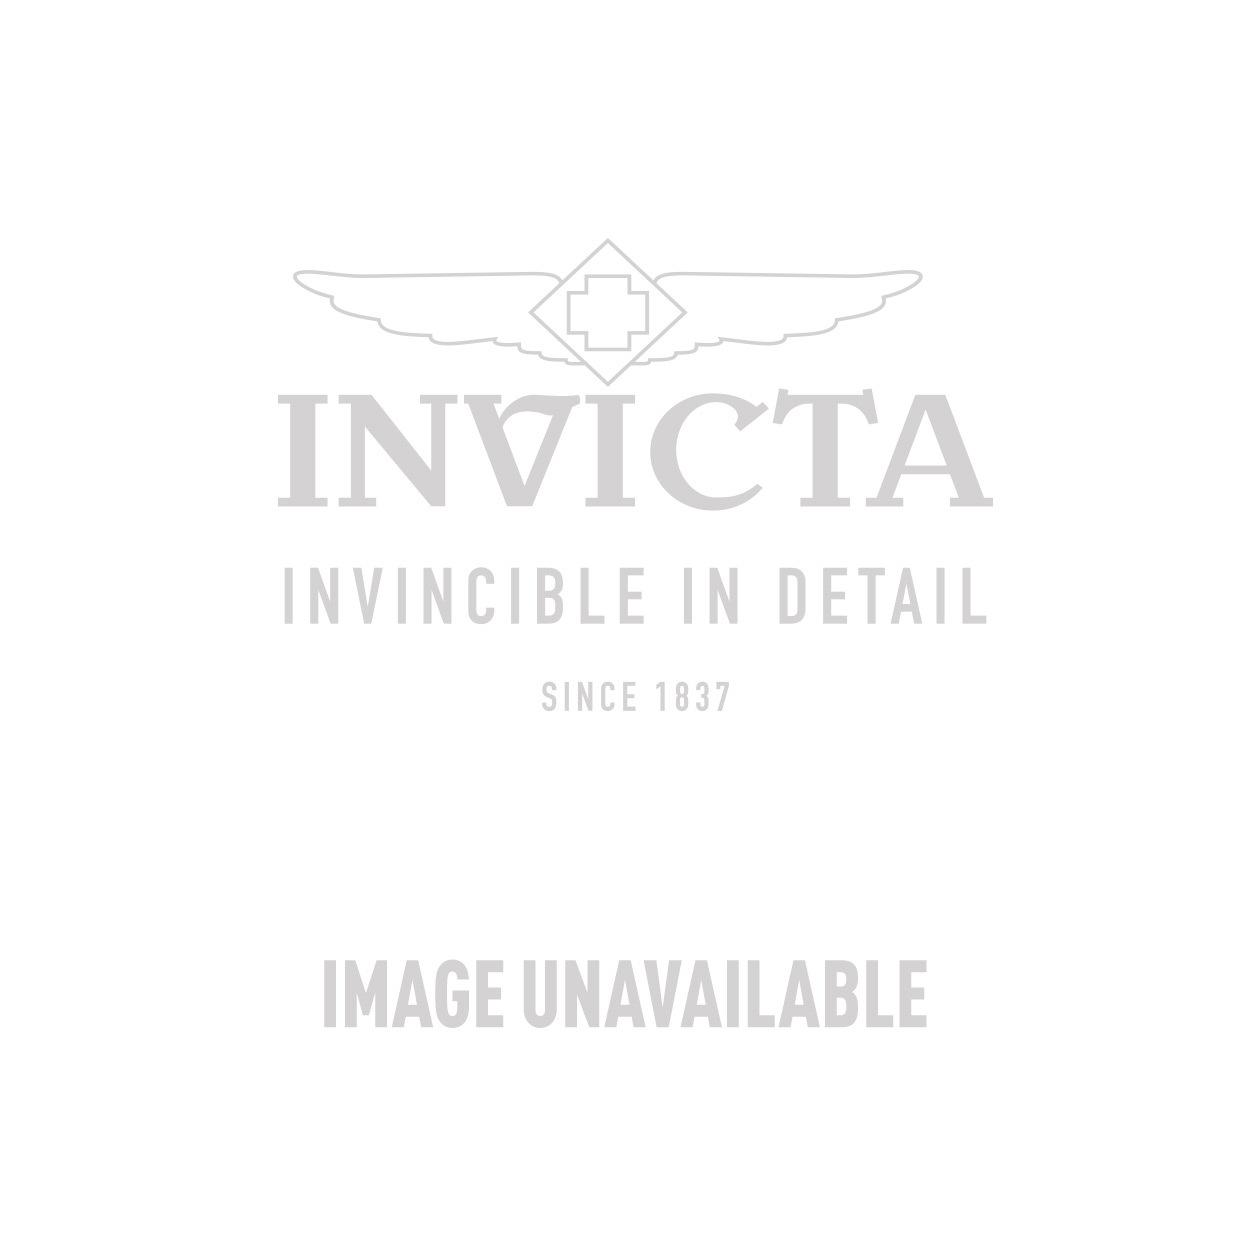 Invicta Model 25321